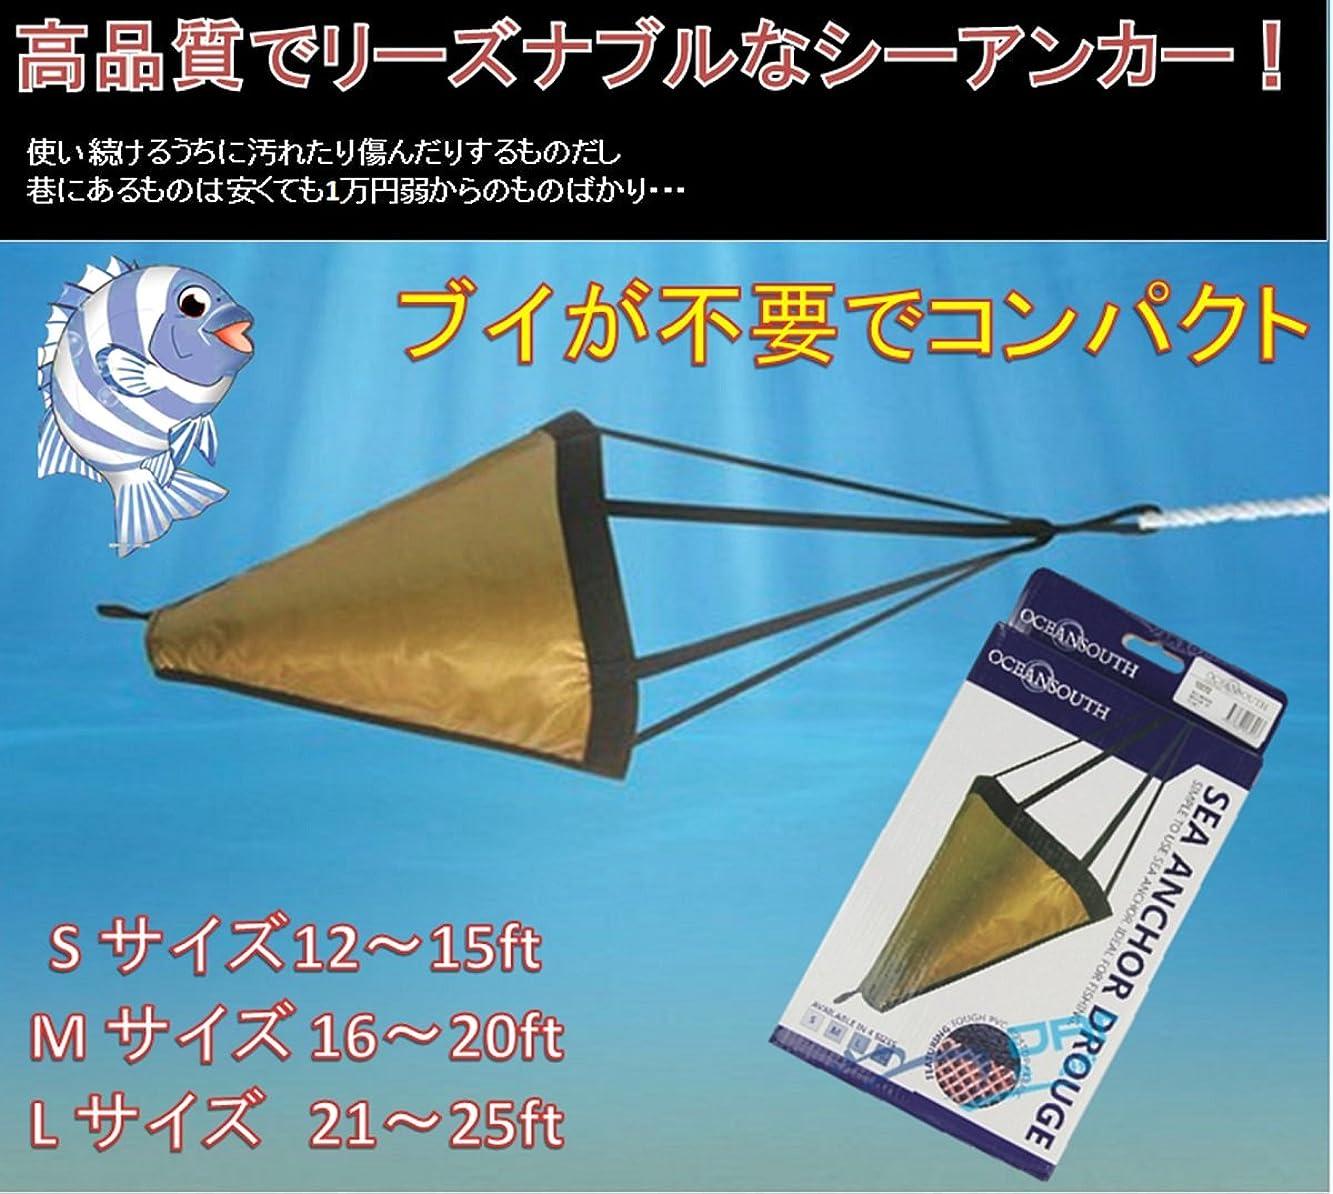 天皇主人回復するworld Imp JP ブイ 不要 シーアンカー カヤック 流し釣り 必需品 ボート 釣り 船 釣りに S~L サイズ DROUGE 12ft~25ft